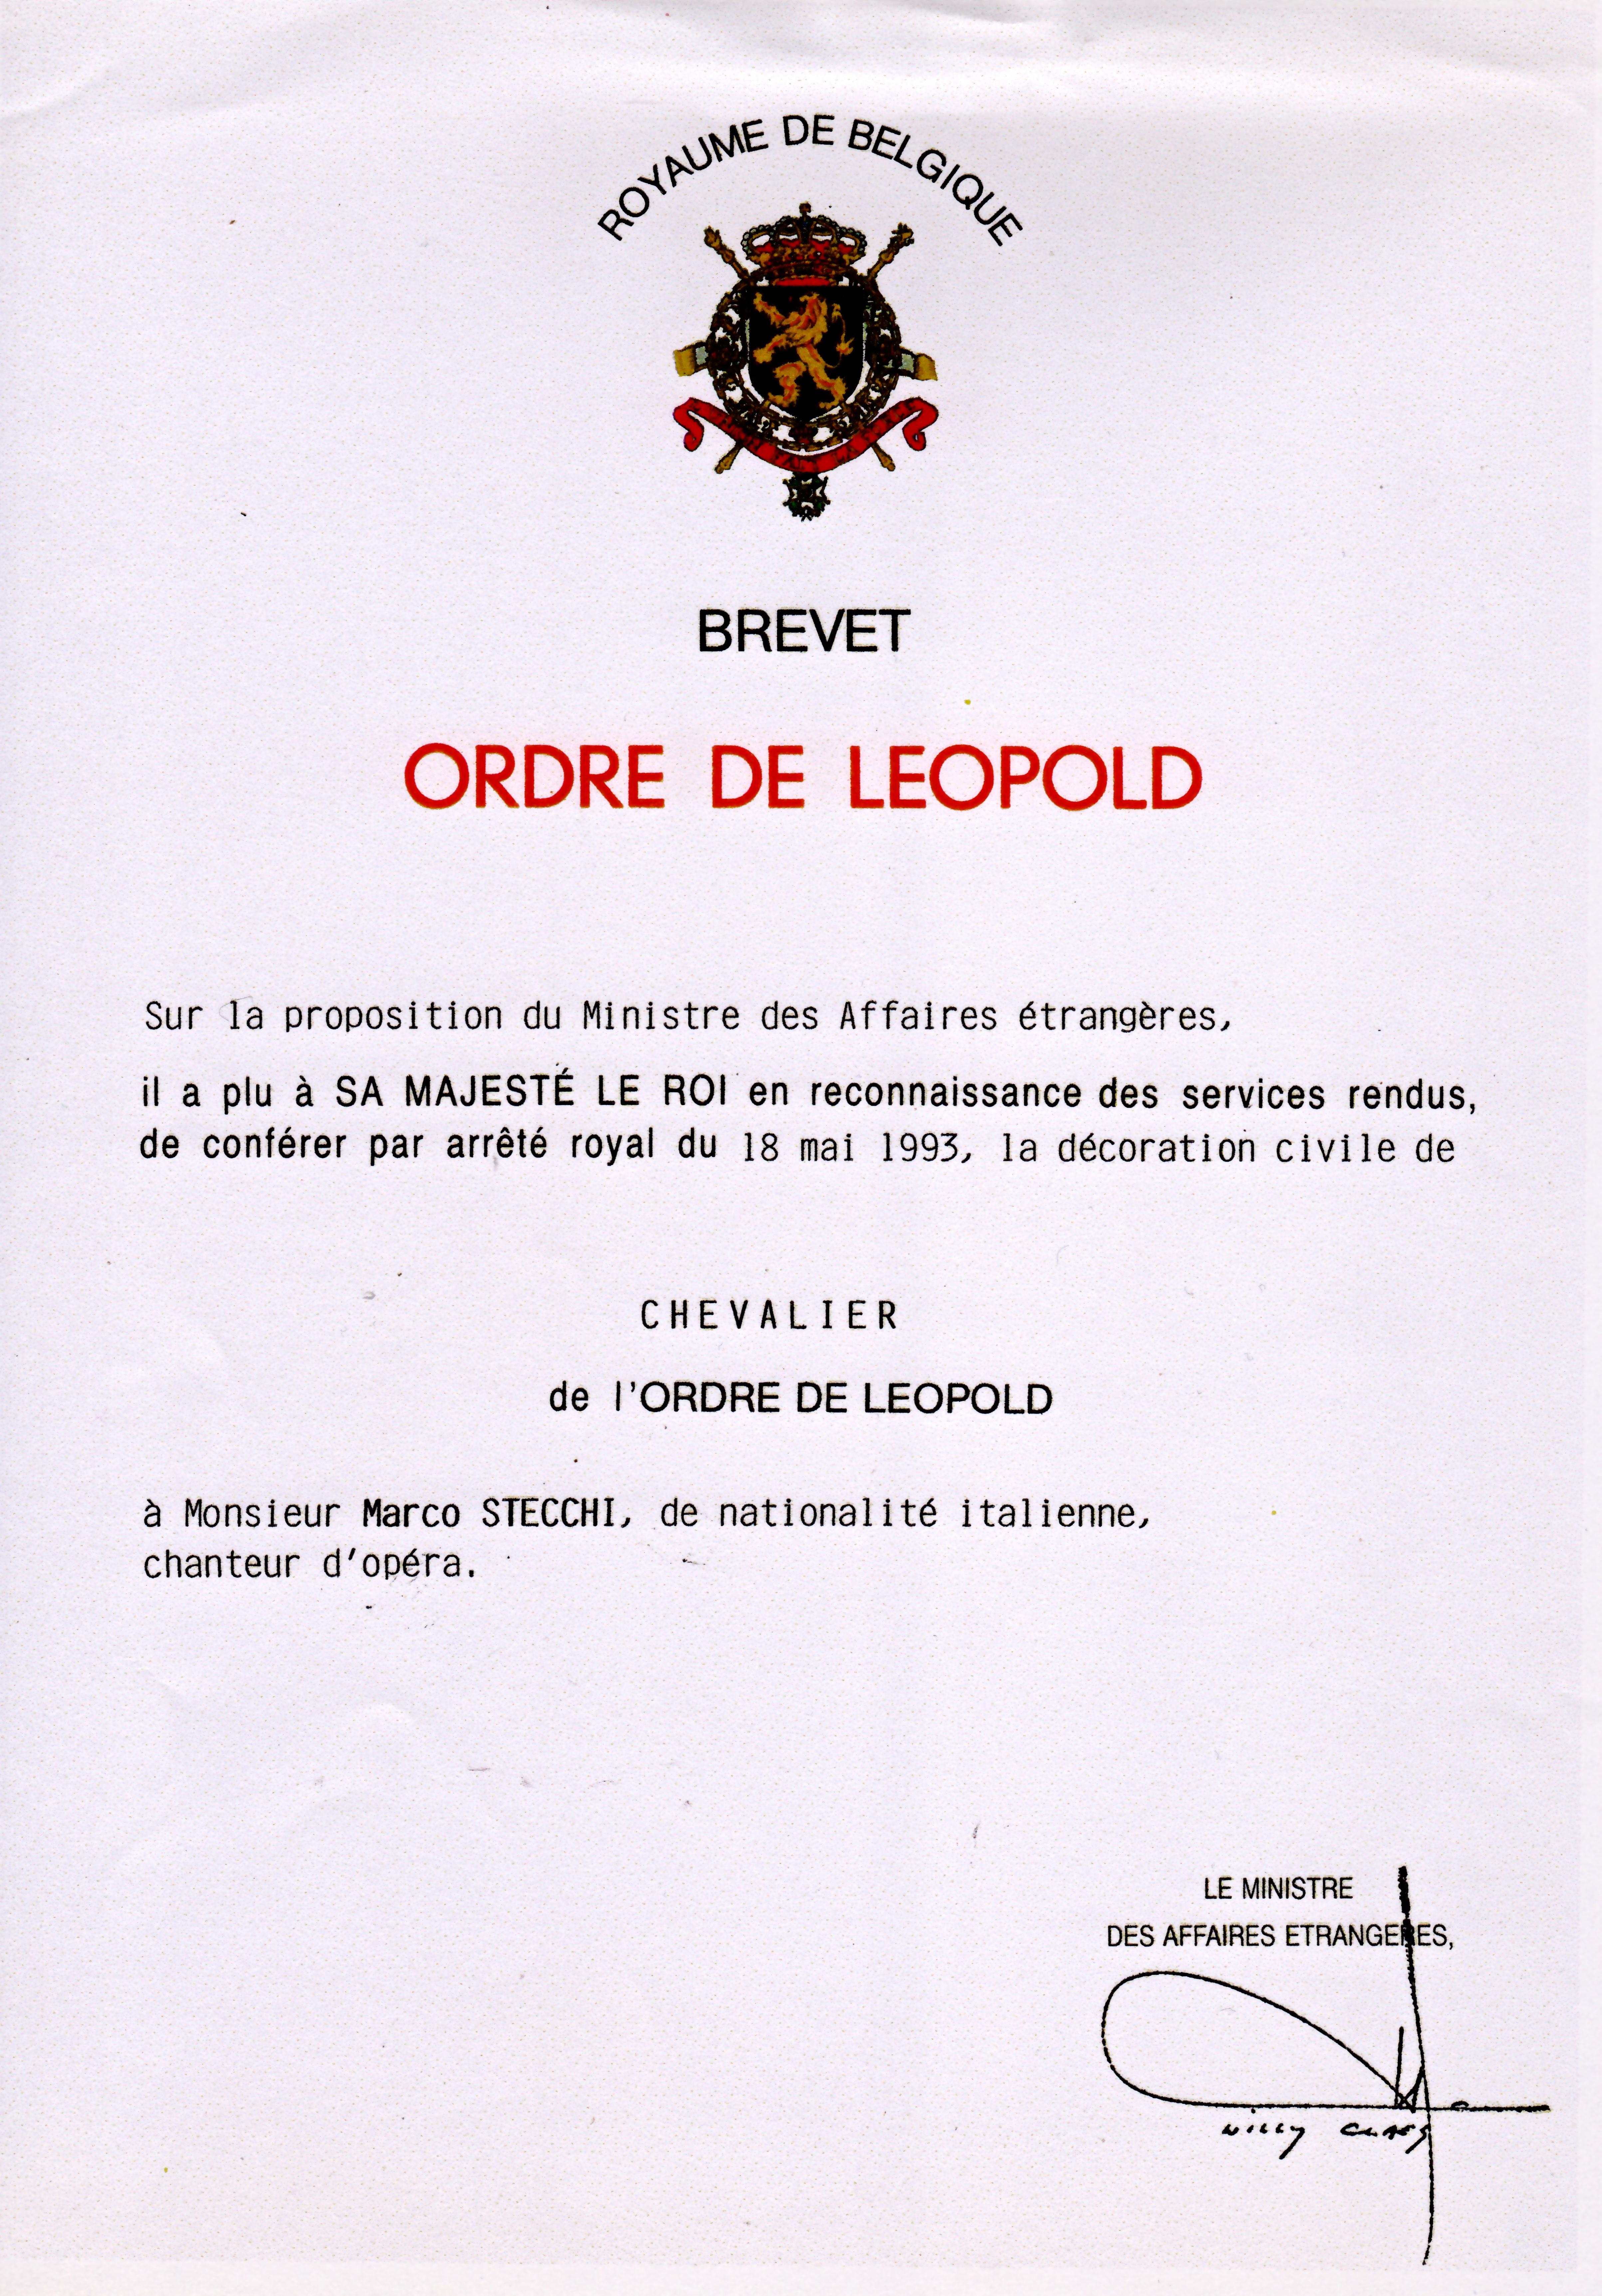 ORDRE DE LEOPOLD